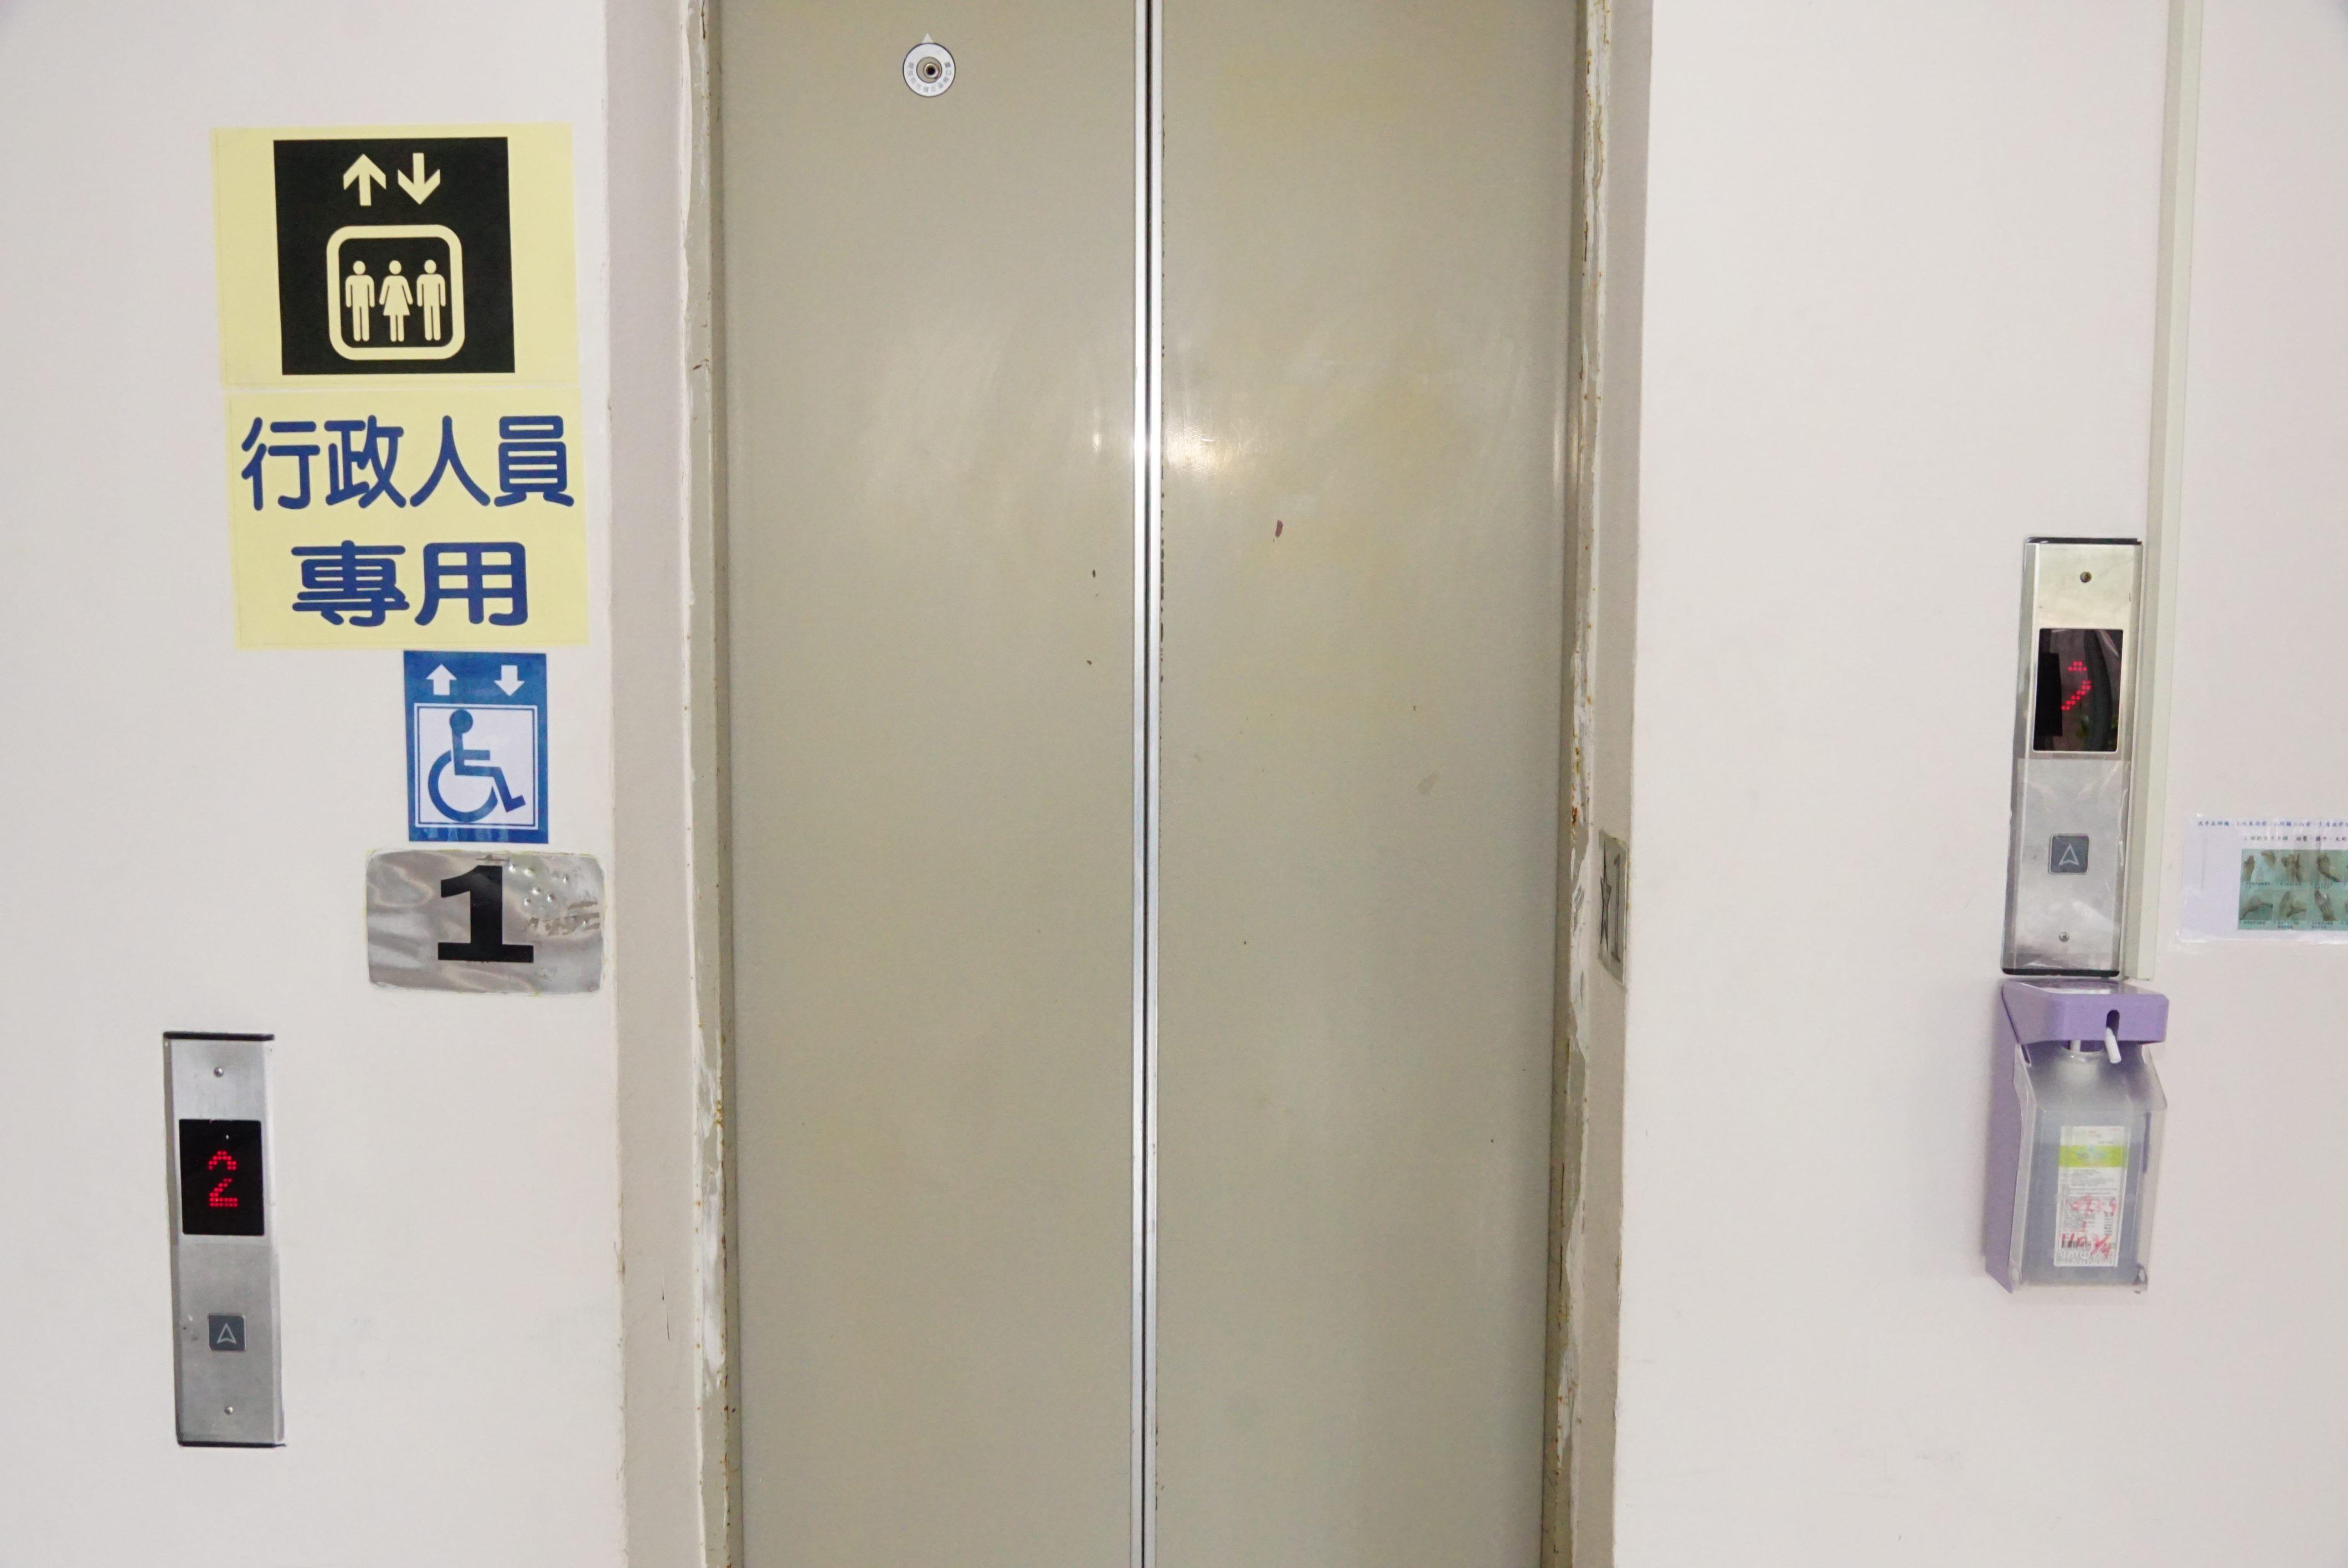 行政區人員專用電梯